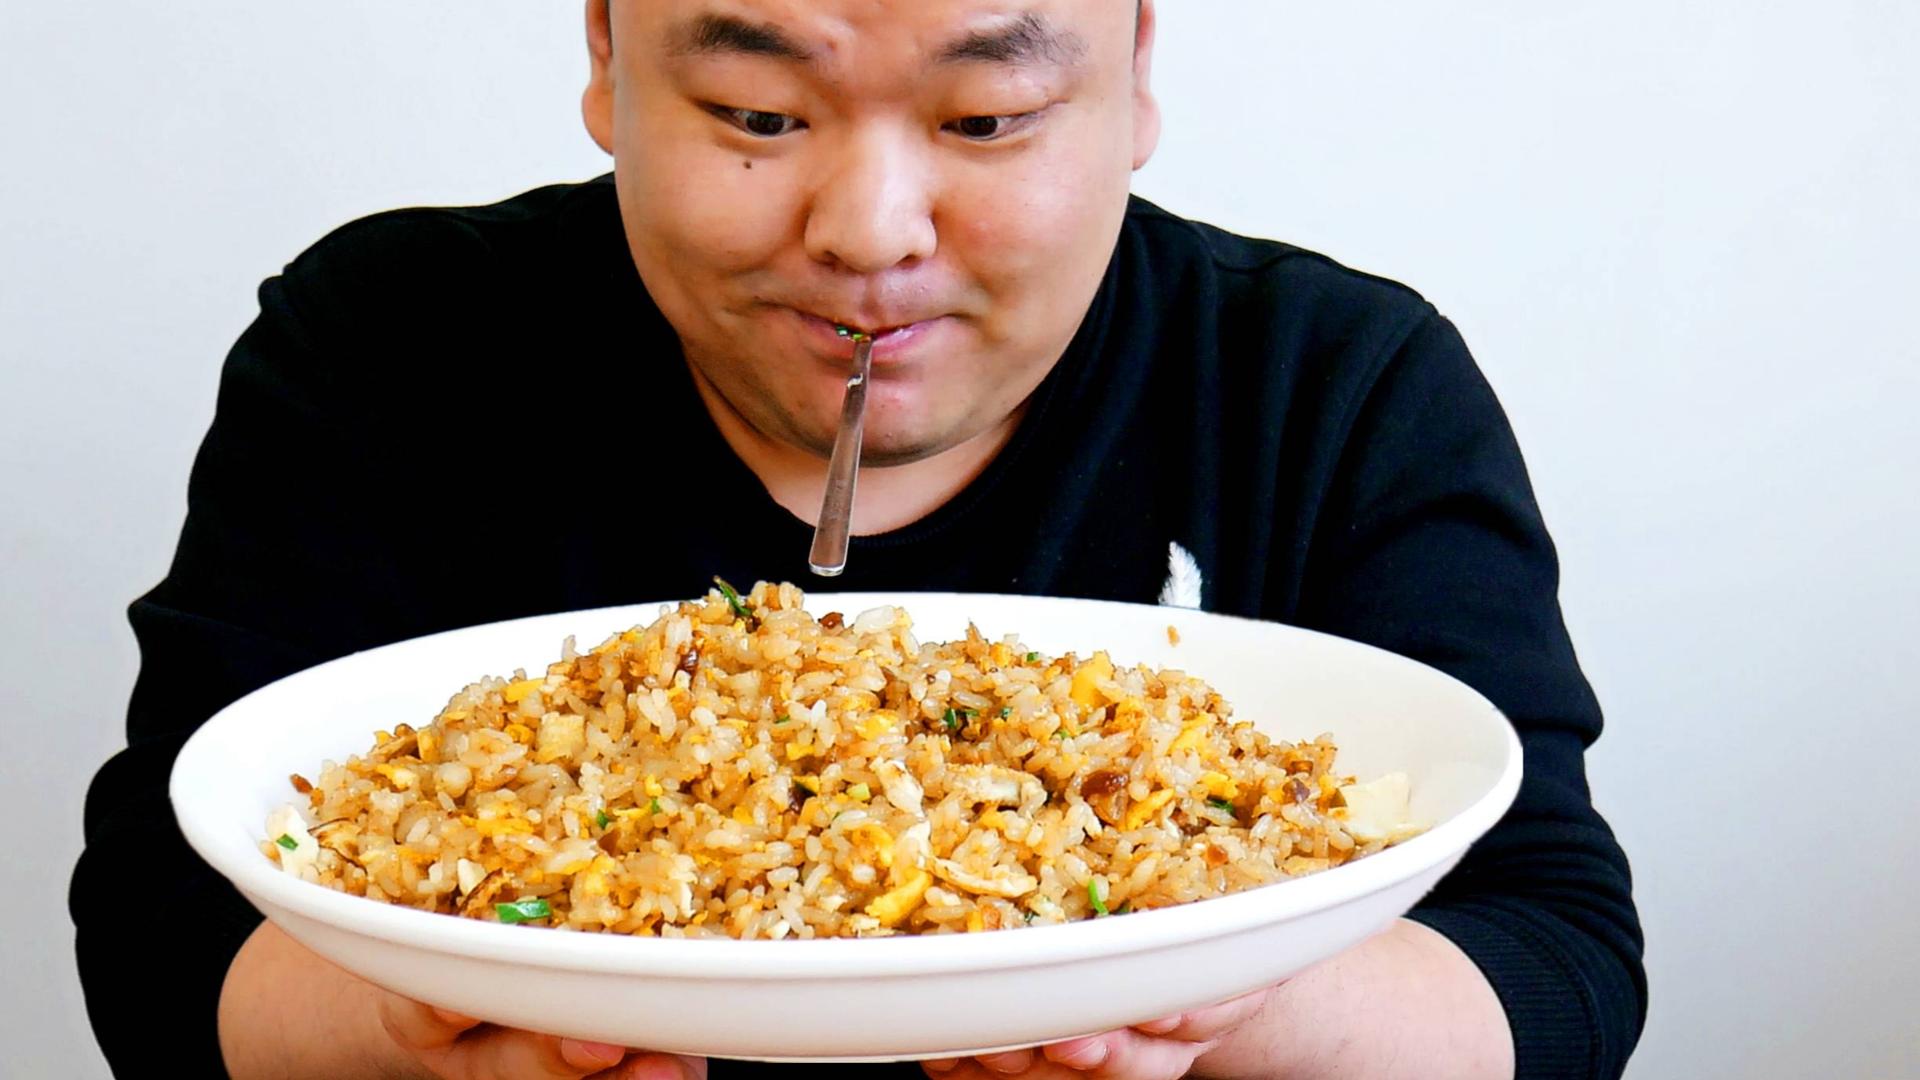 普通人到底能不能做美食作家王刚的酱油炒饭?吃第一口后我懂了!